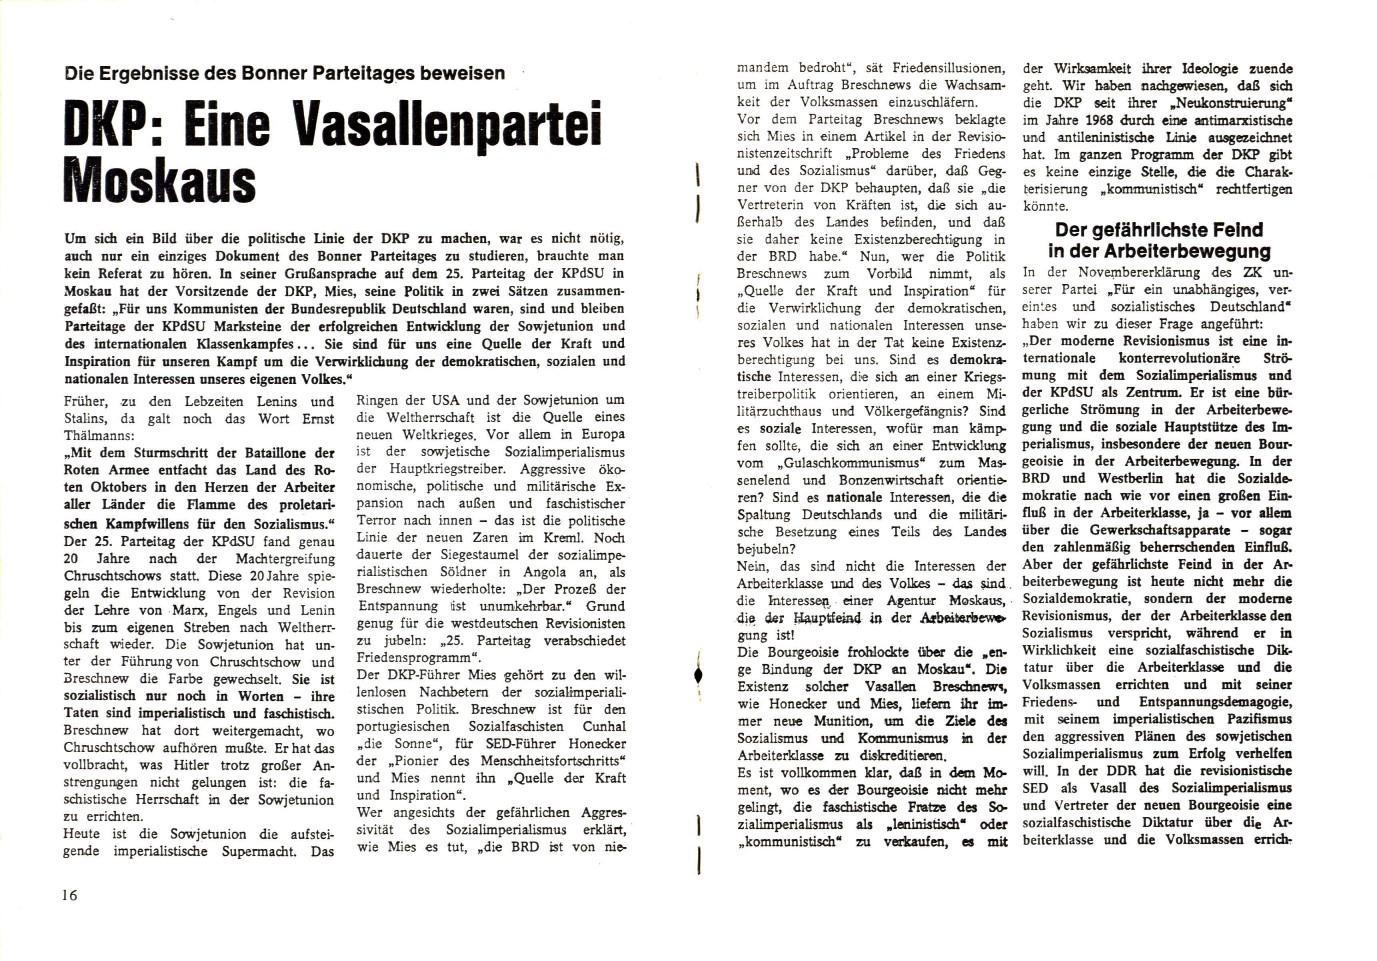 KPDAO_1976_Artikel_DKP_Breschnew_10